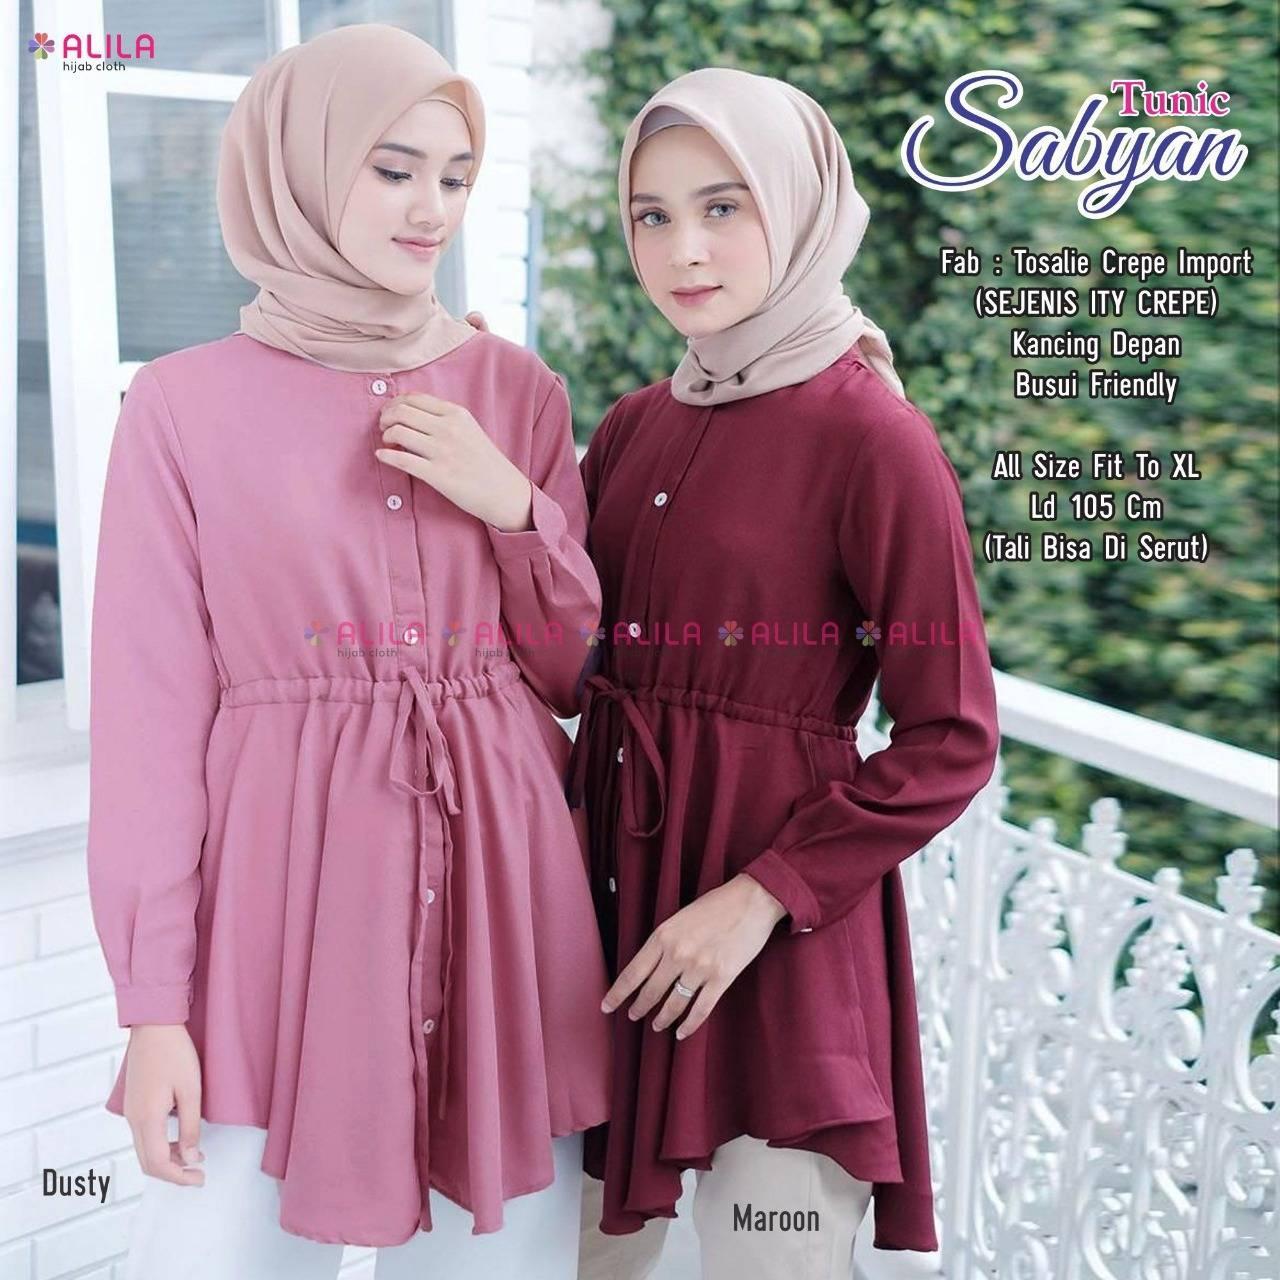 Review Baju Tunik Terbaru Baju Muslim Terbaru Tunik Terbaru Luna